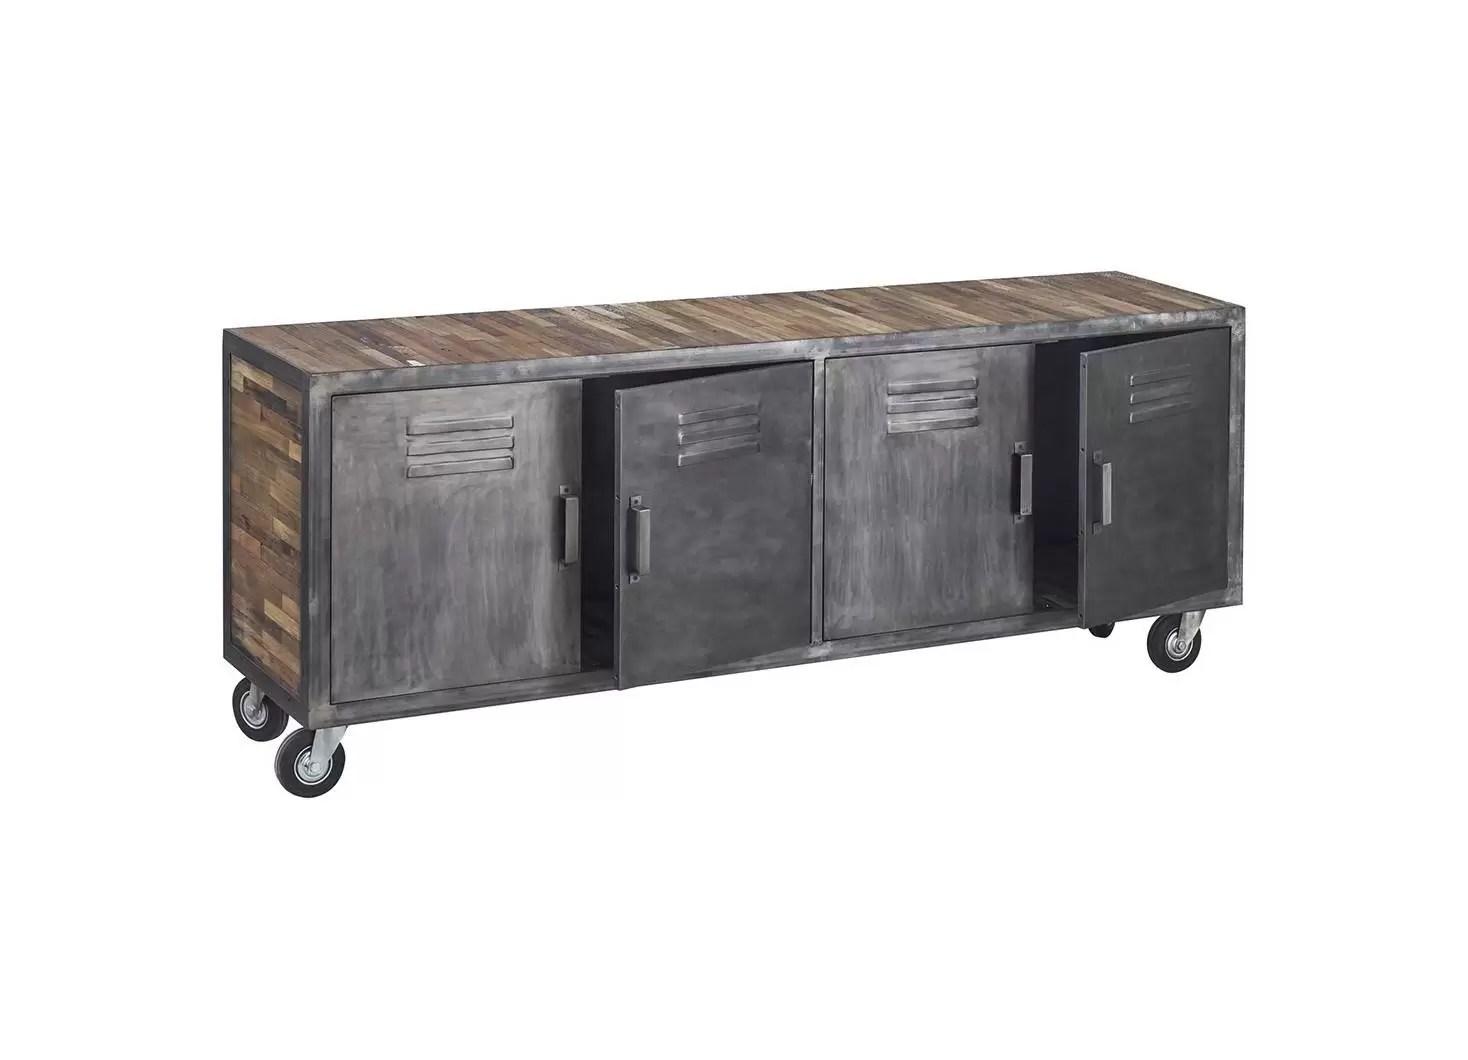 meuble tv locker sur roulettes 4 portes